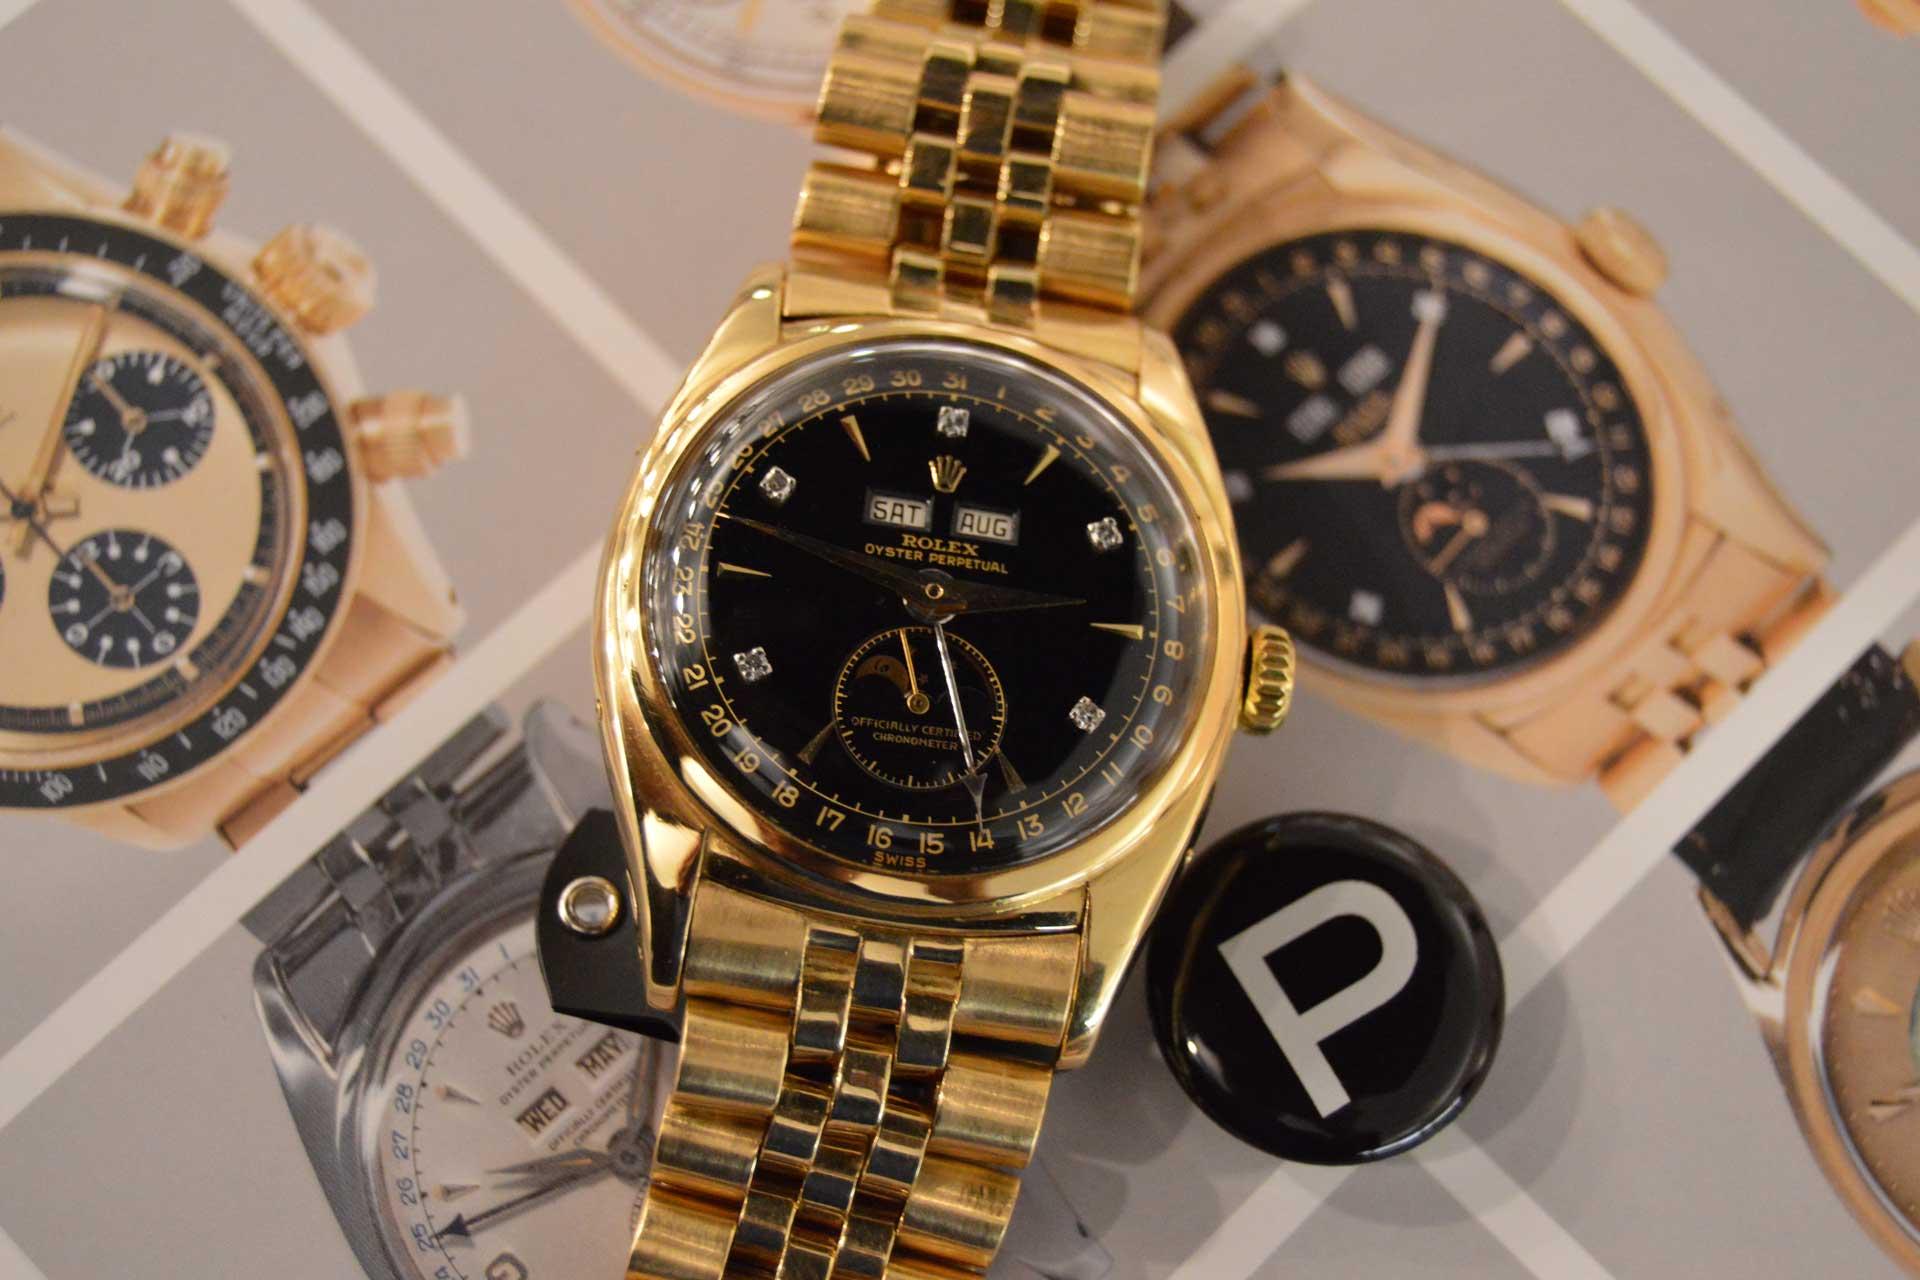 Tổng hợp những chiếc đồng hồ Rolex bằng vàng giá trị và đẳng cấp nhất